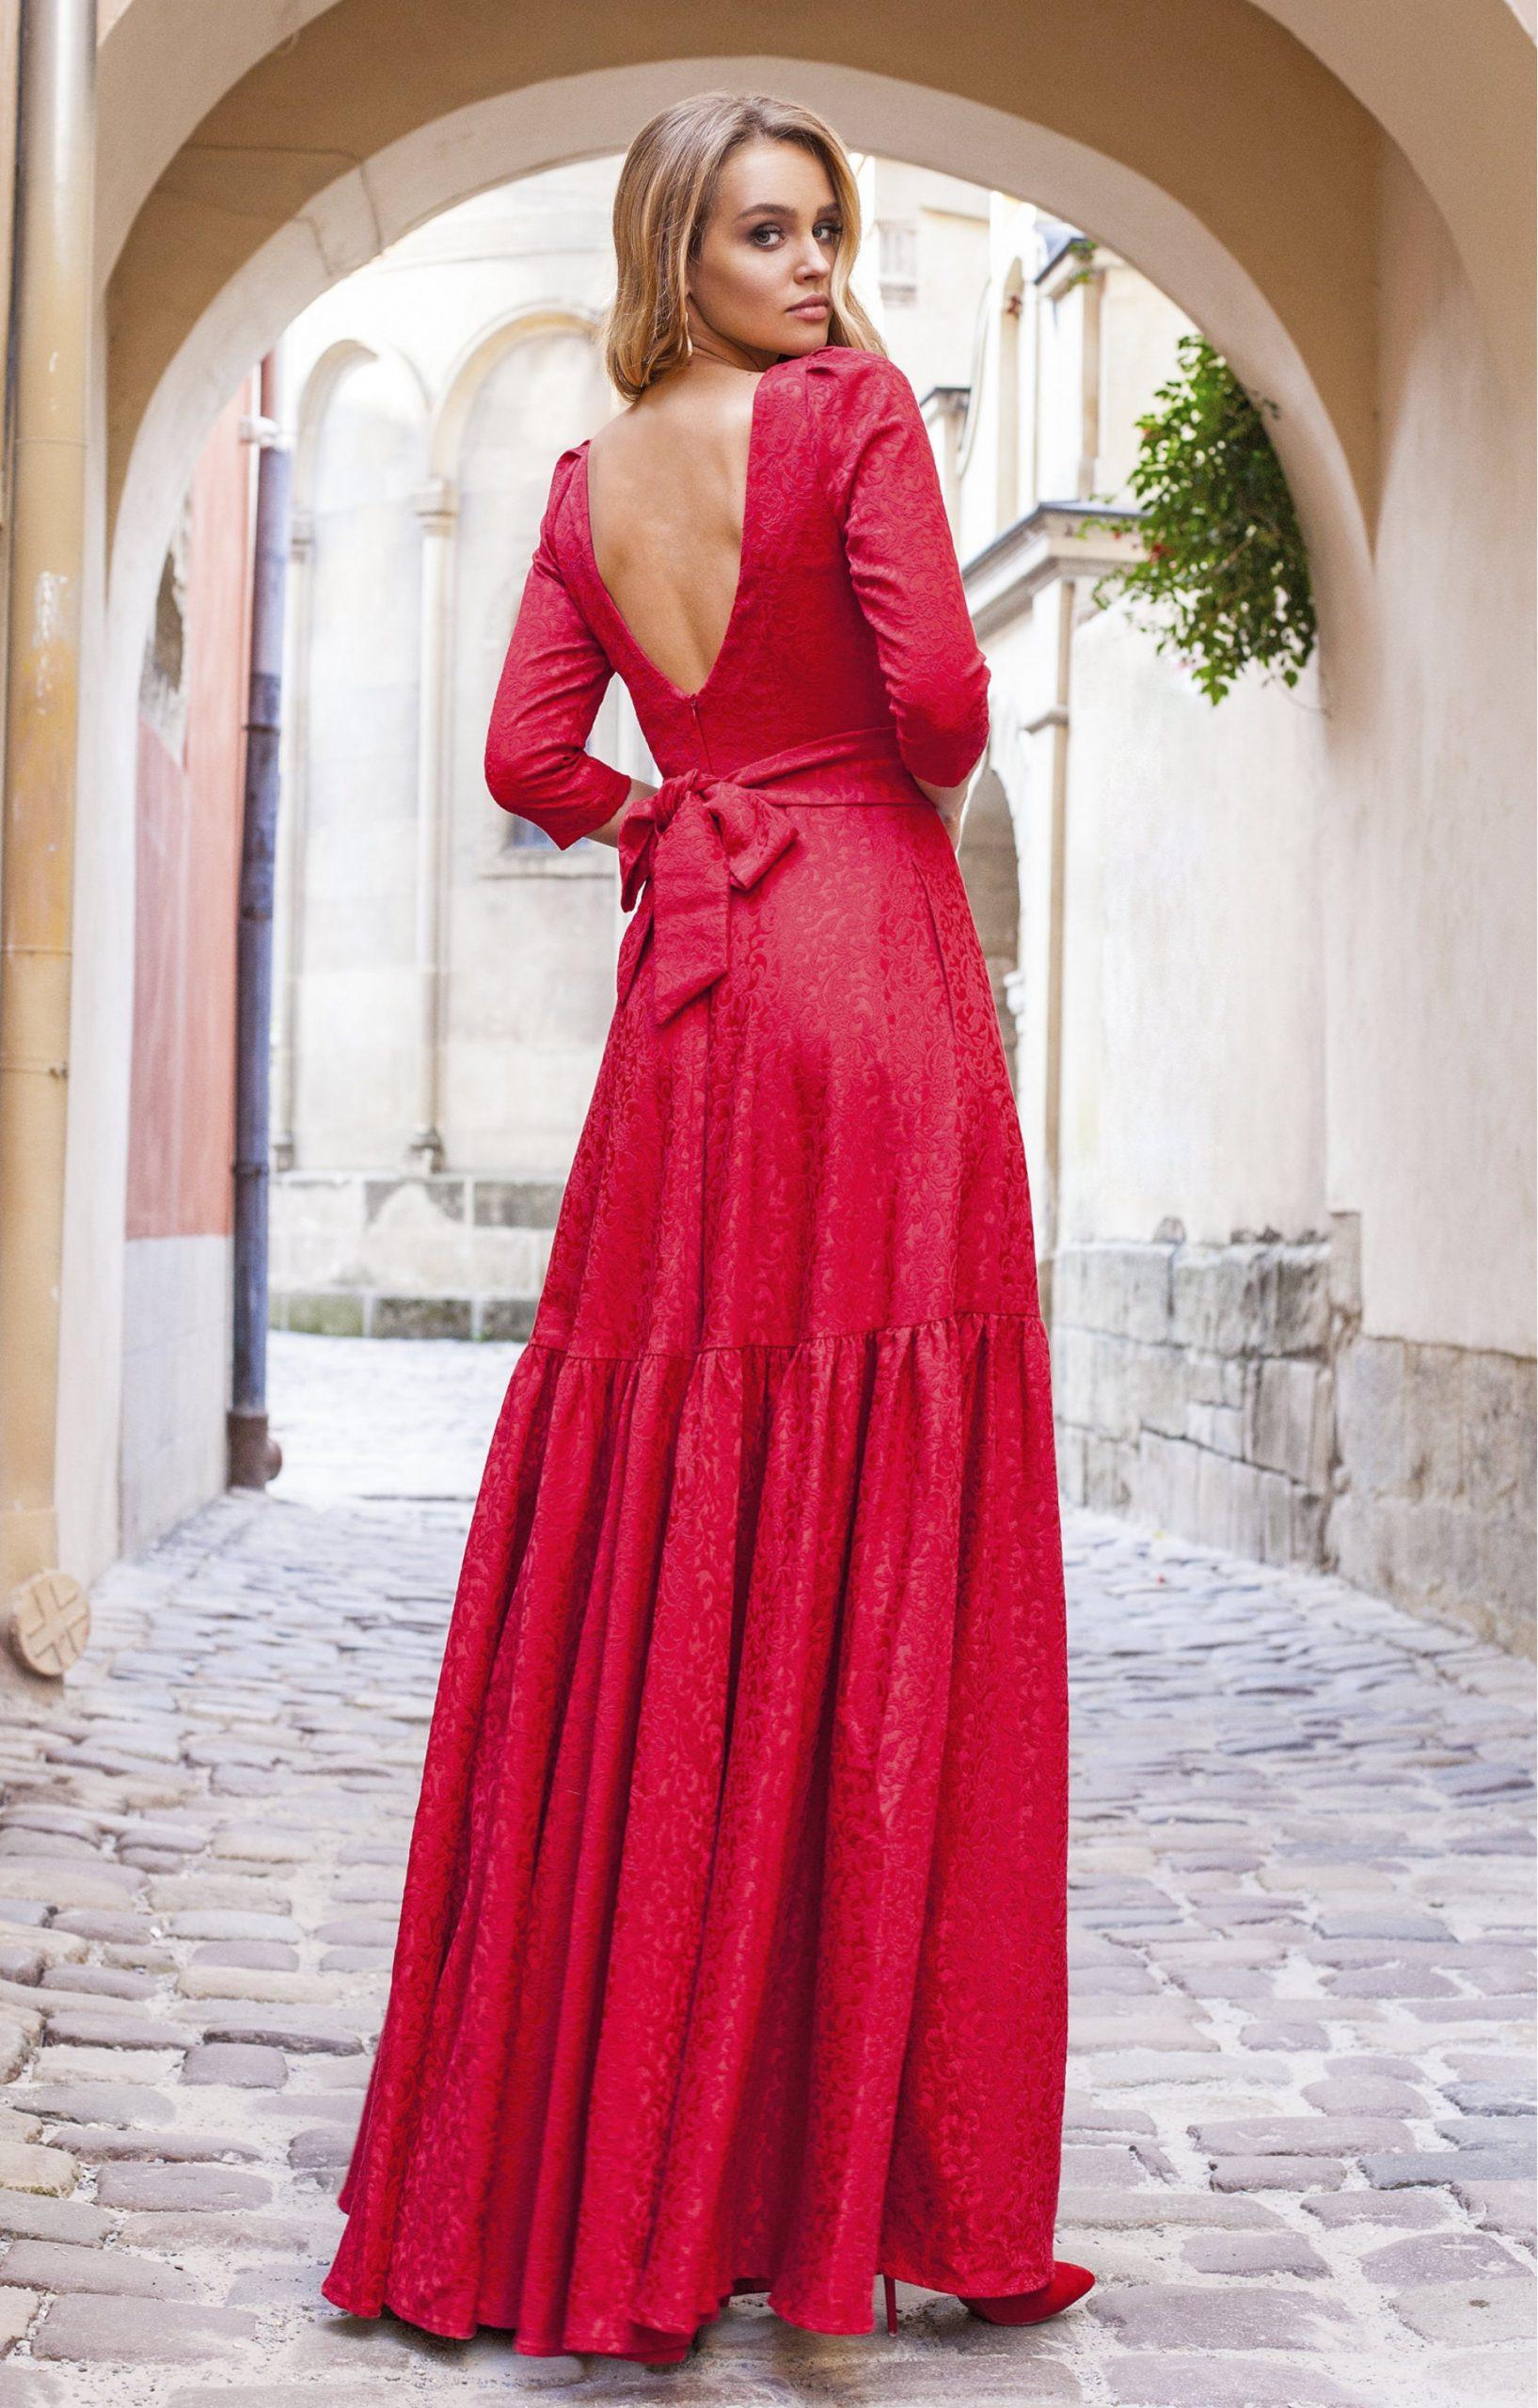 17 Fantastisch Marken Abendkleider GalerieFormal Luxus Marken Abendkleider Spezialgebiet